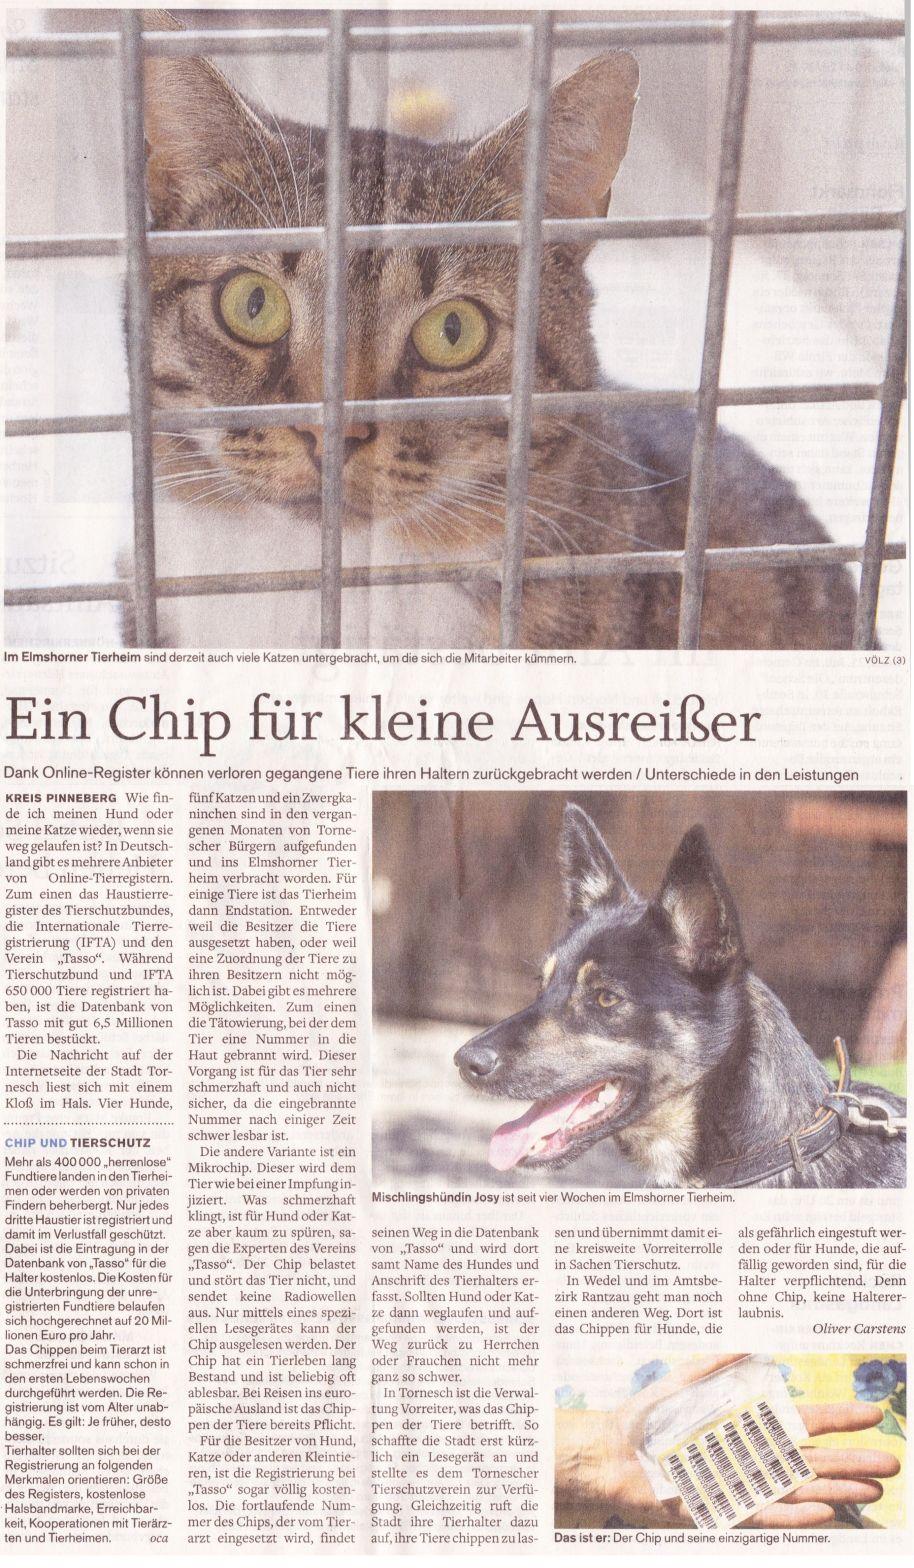 2012-07-17 Pressebericht über den Chip für Tiere